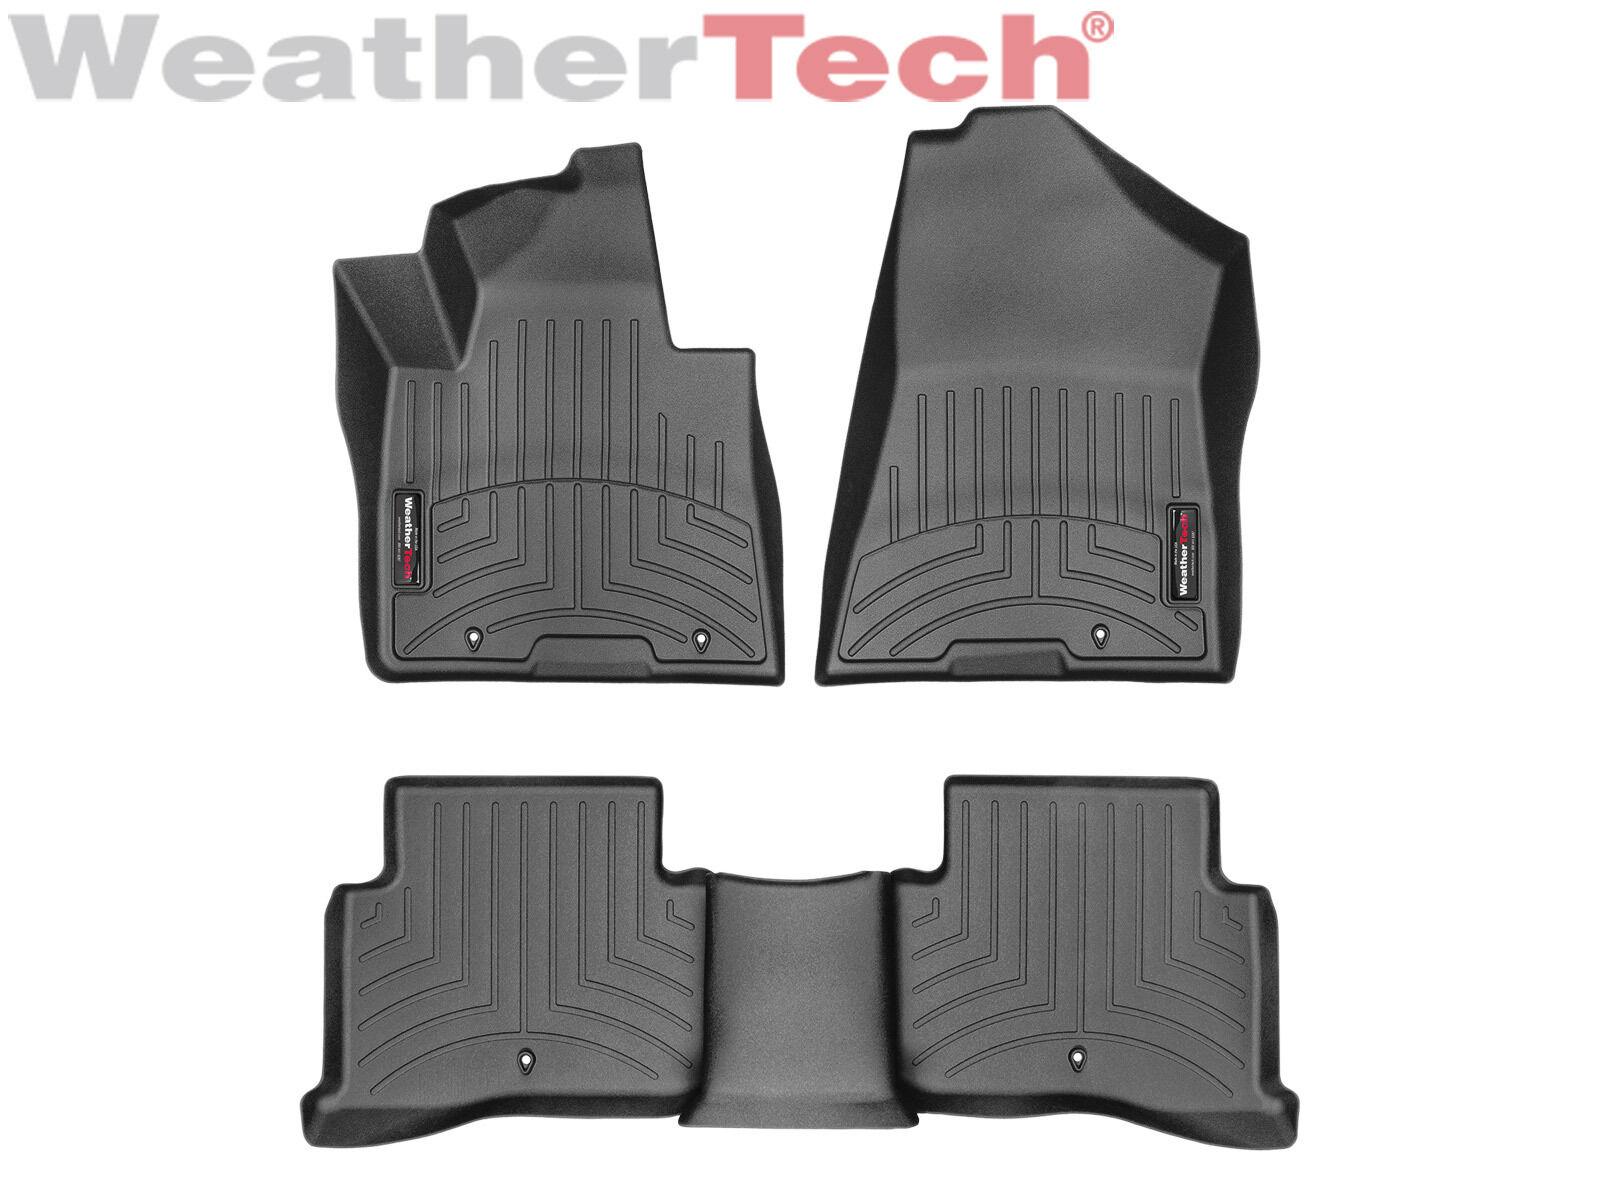 Weathertech floor mats deals - Weathertech Floor Mats Floorliner For Kia Sportage 2017 Black